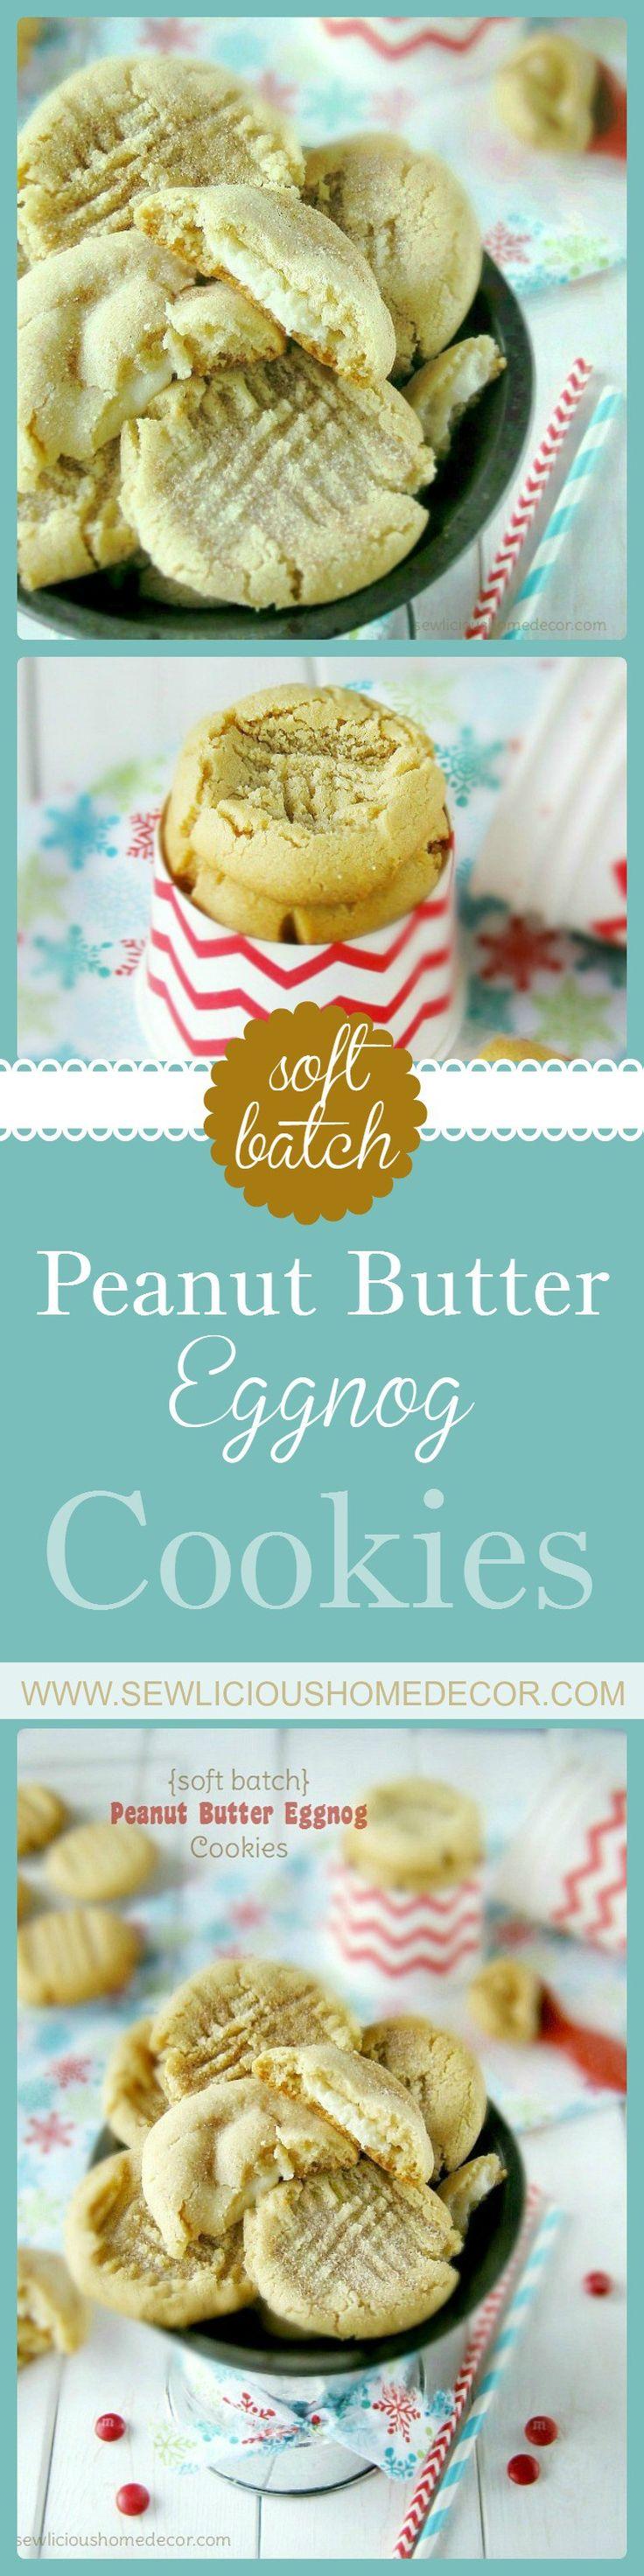 peanut butter and eggnog cookies at sewlicioushomedecor.com